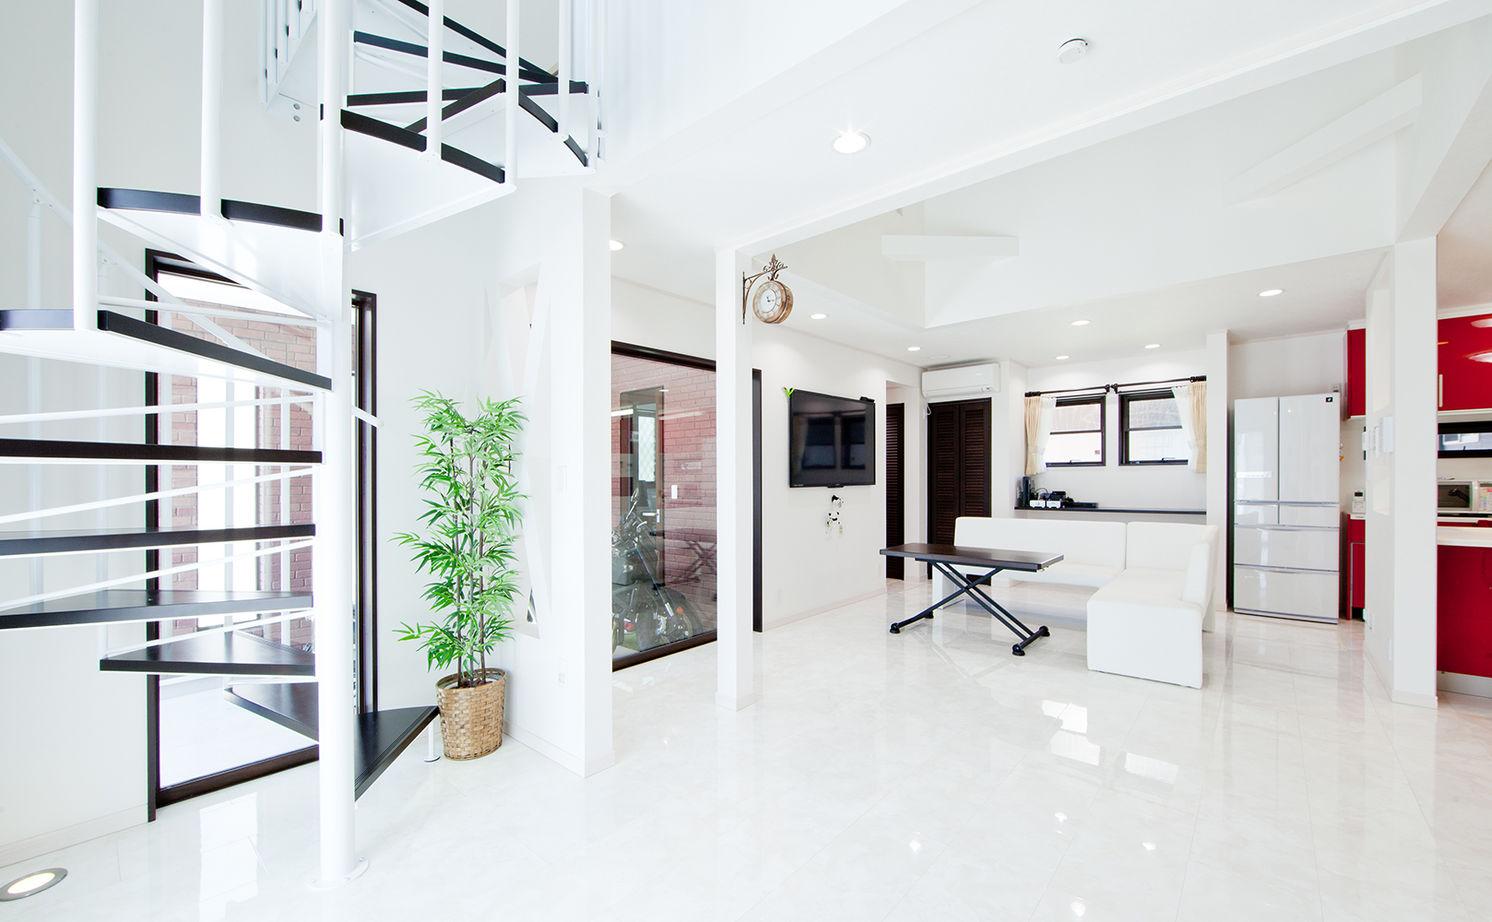 【1000万円台】【ビルトインガレージ】夫婦のこだわりをすべて実現。螺旋階段とビルトインガレージの家画像2